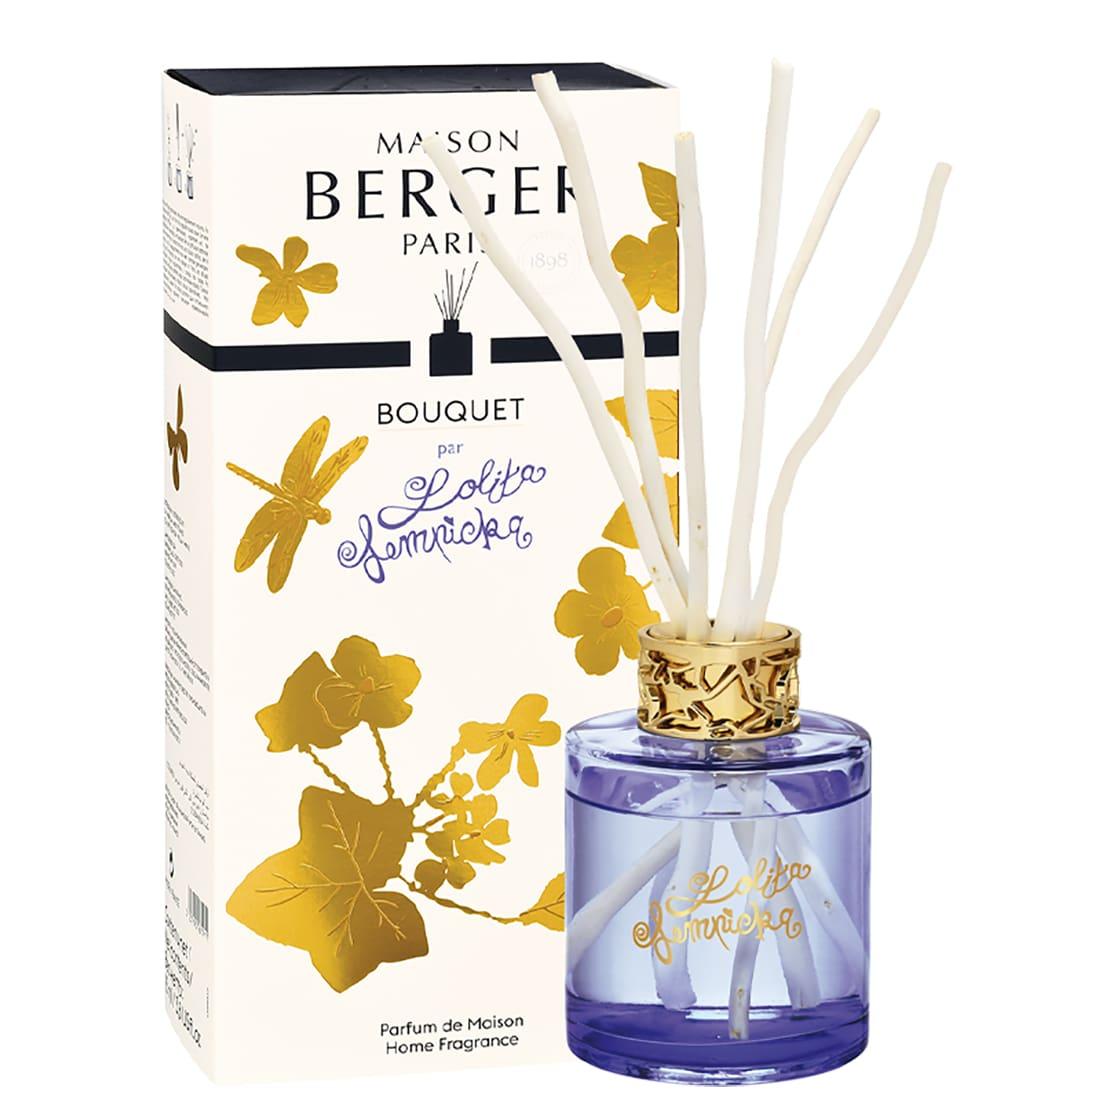 Photo de Bouquet Parfumé Maison Berger Lolita Lempicka Parme